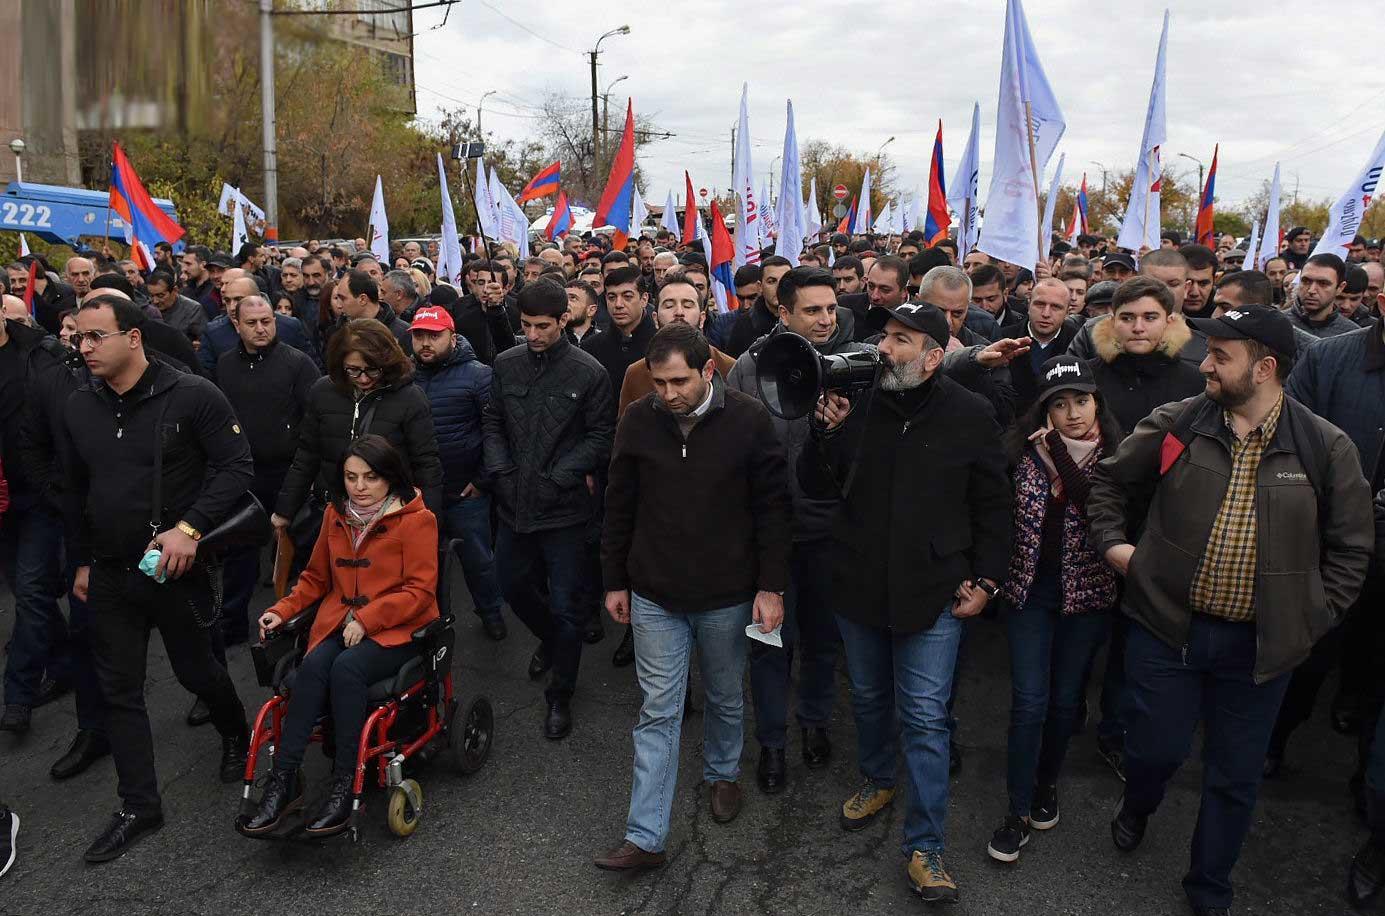 İrəvanda qarşıdurma: Xalq Nikolun acizliyinə etiraz edir